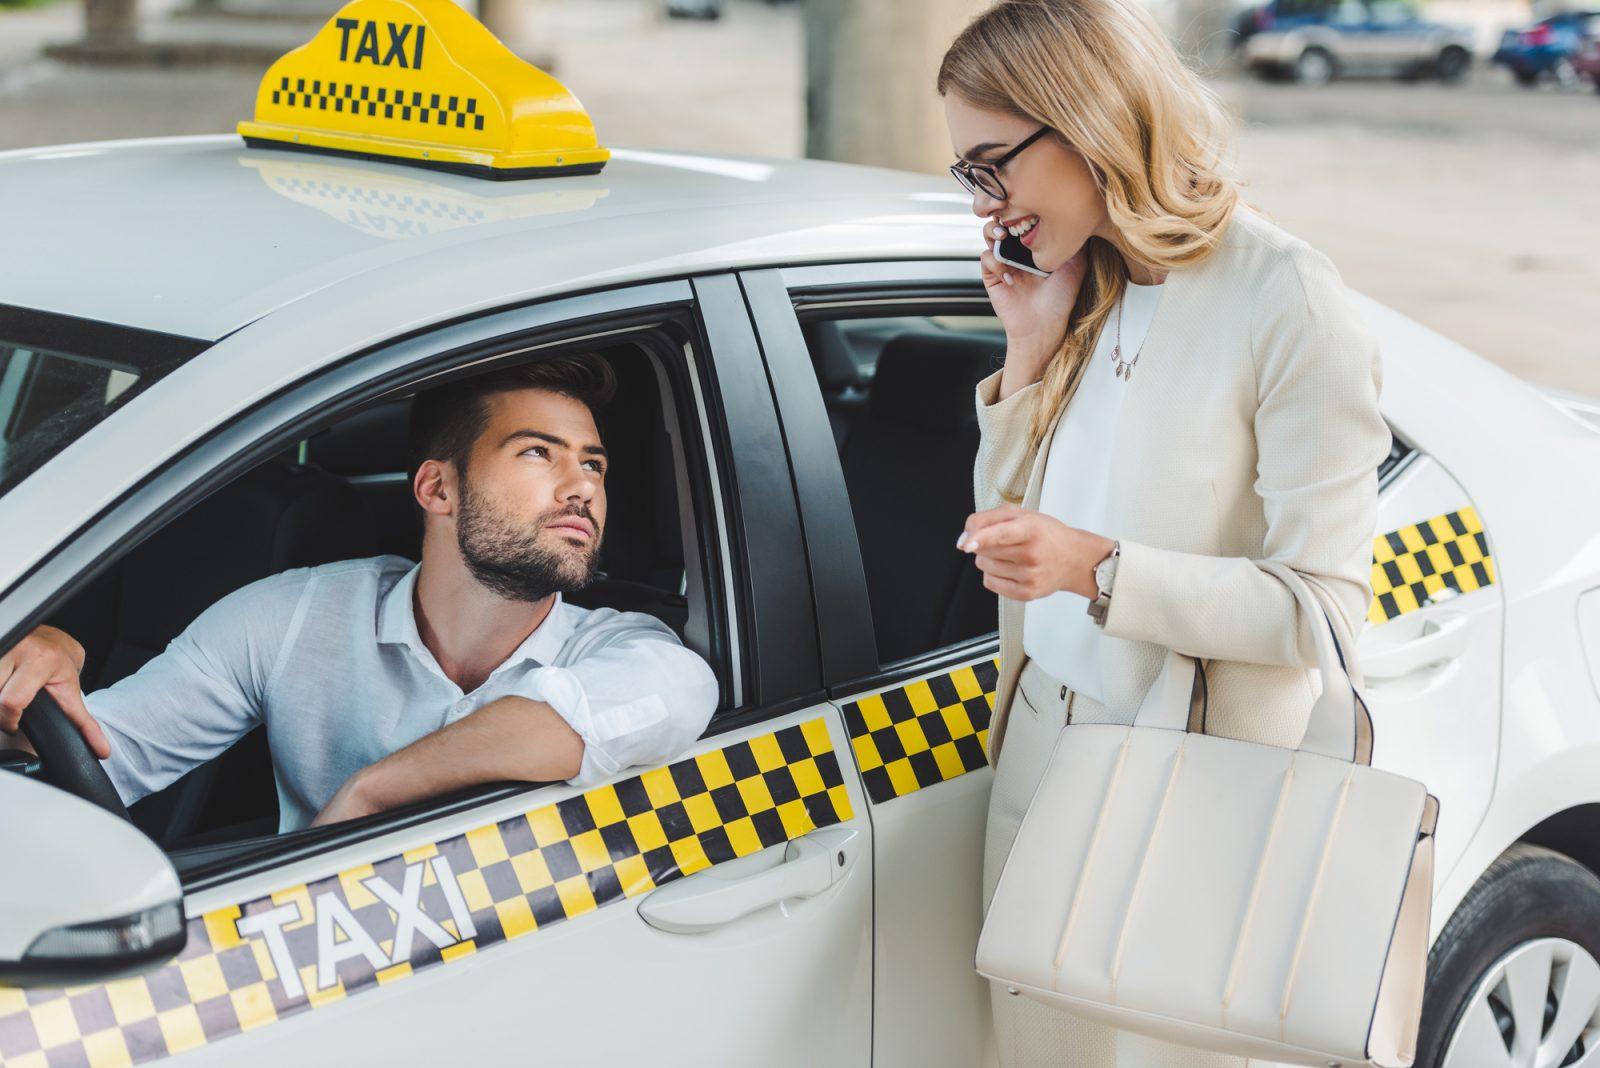 chauffeur_taxi